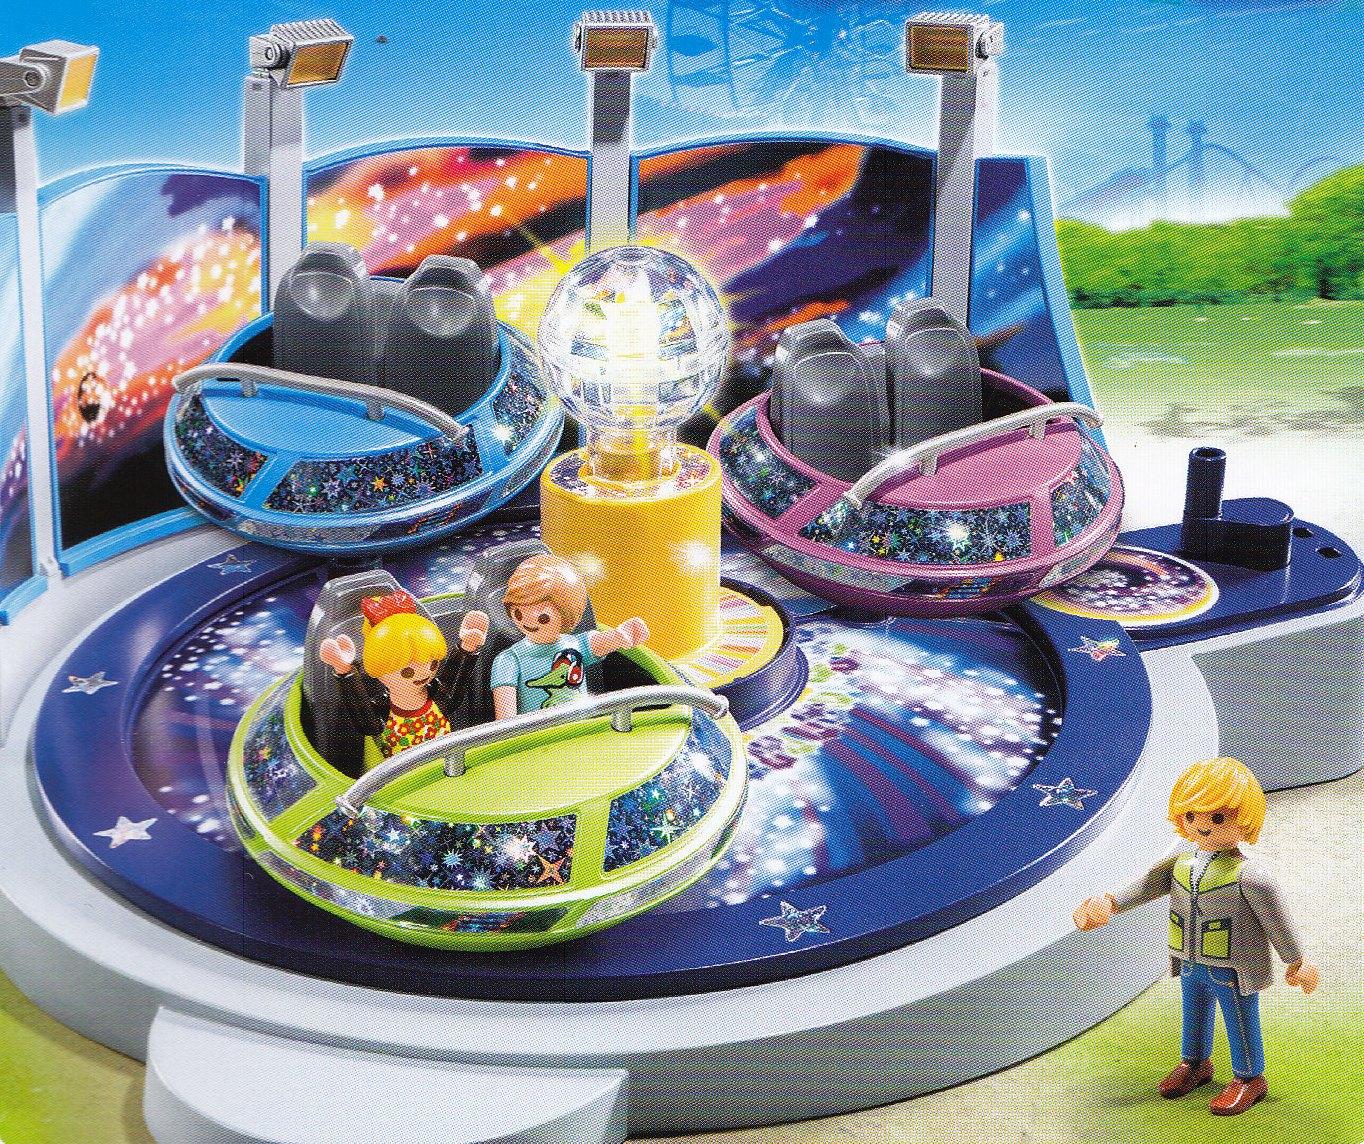 playmobil paket 5554 breakdancer mit lichteffekten 5556. Black Bedroom Furniture Sets. Home Design Ideas